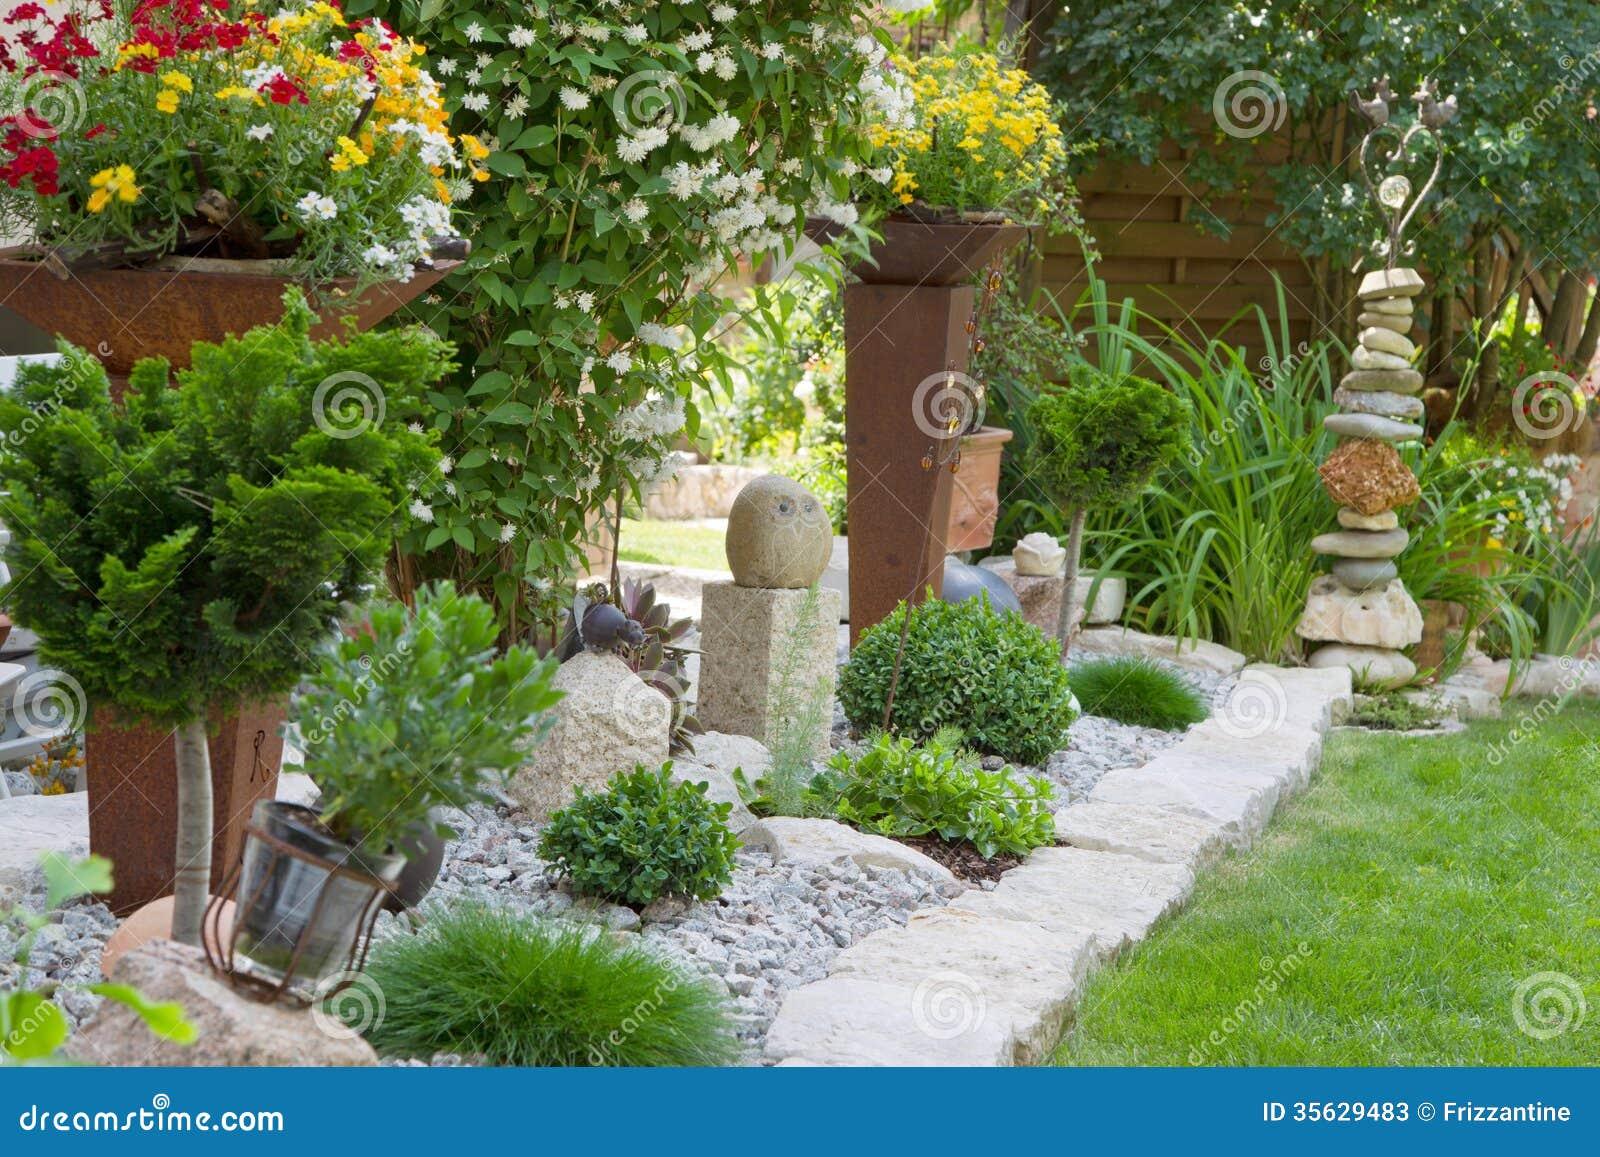 Gartendesign mit blumen stockbild bild von idee for Gartendesign